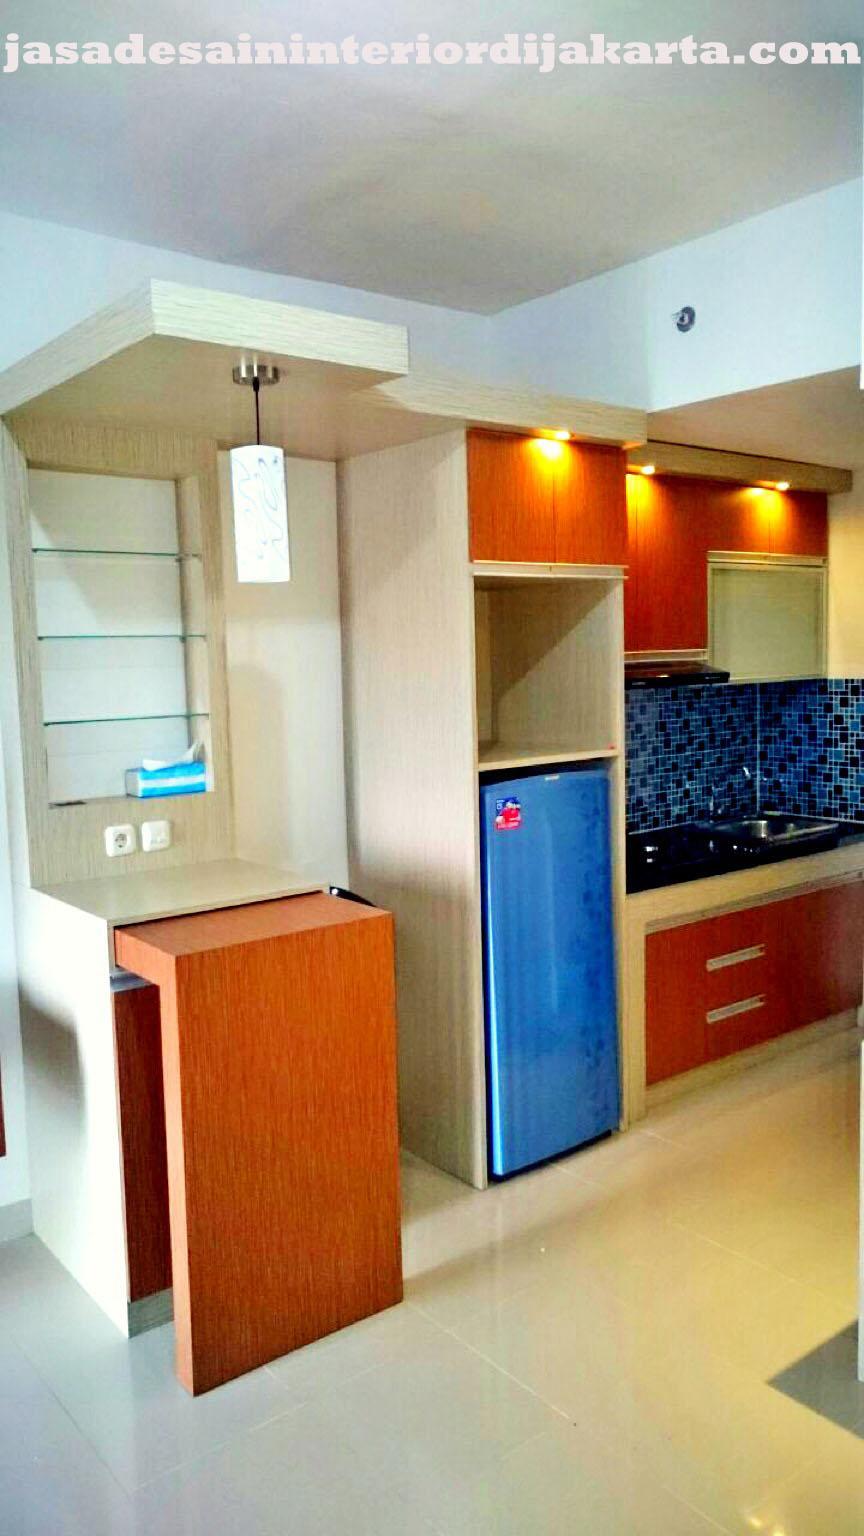 Jasa desain interior di bekasi utara for Design interior di jakarta utara